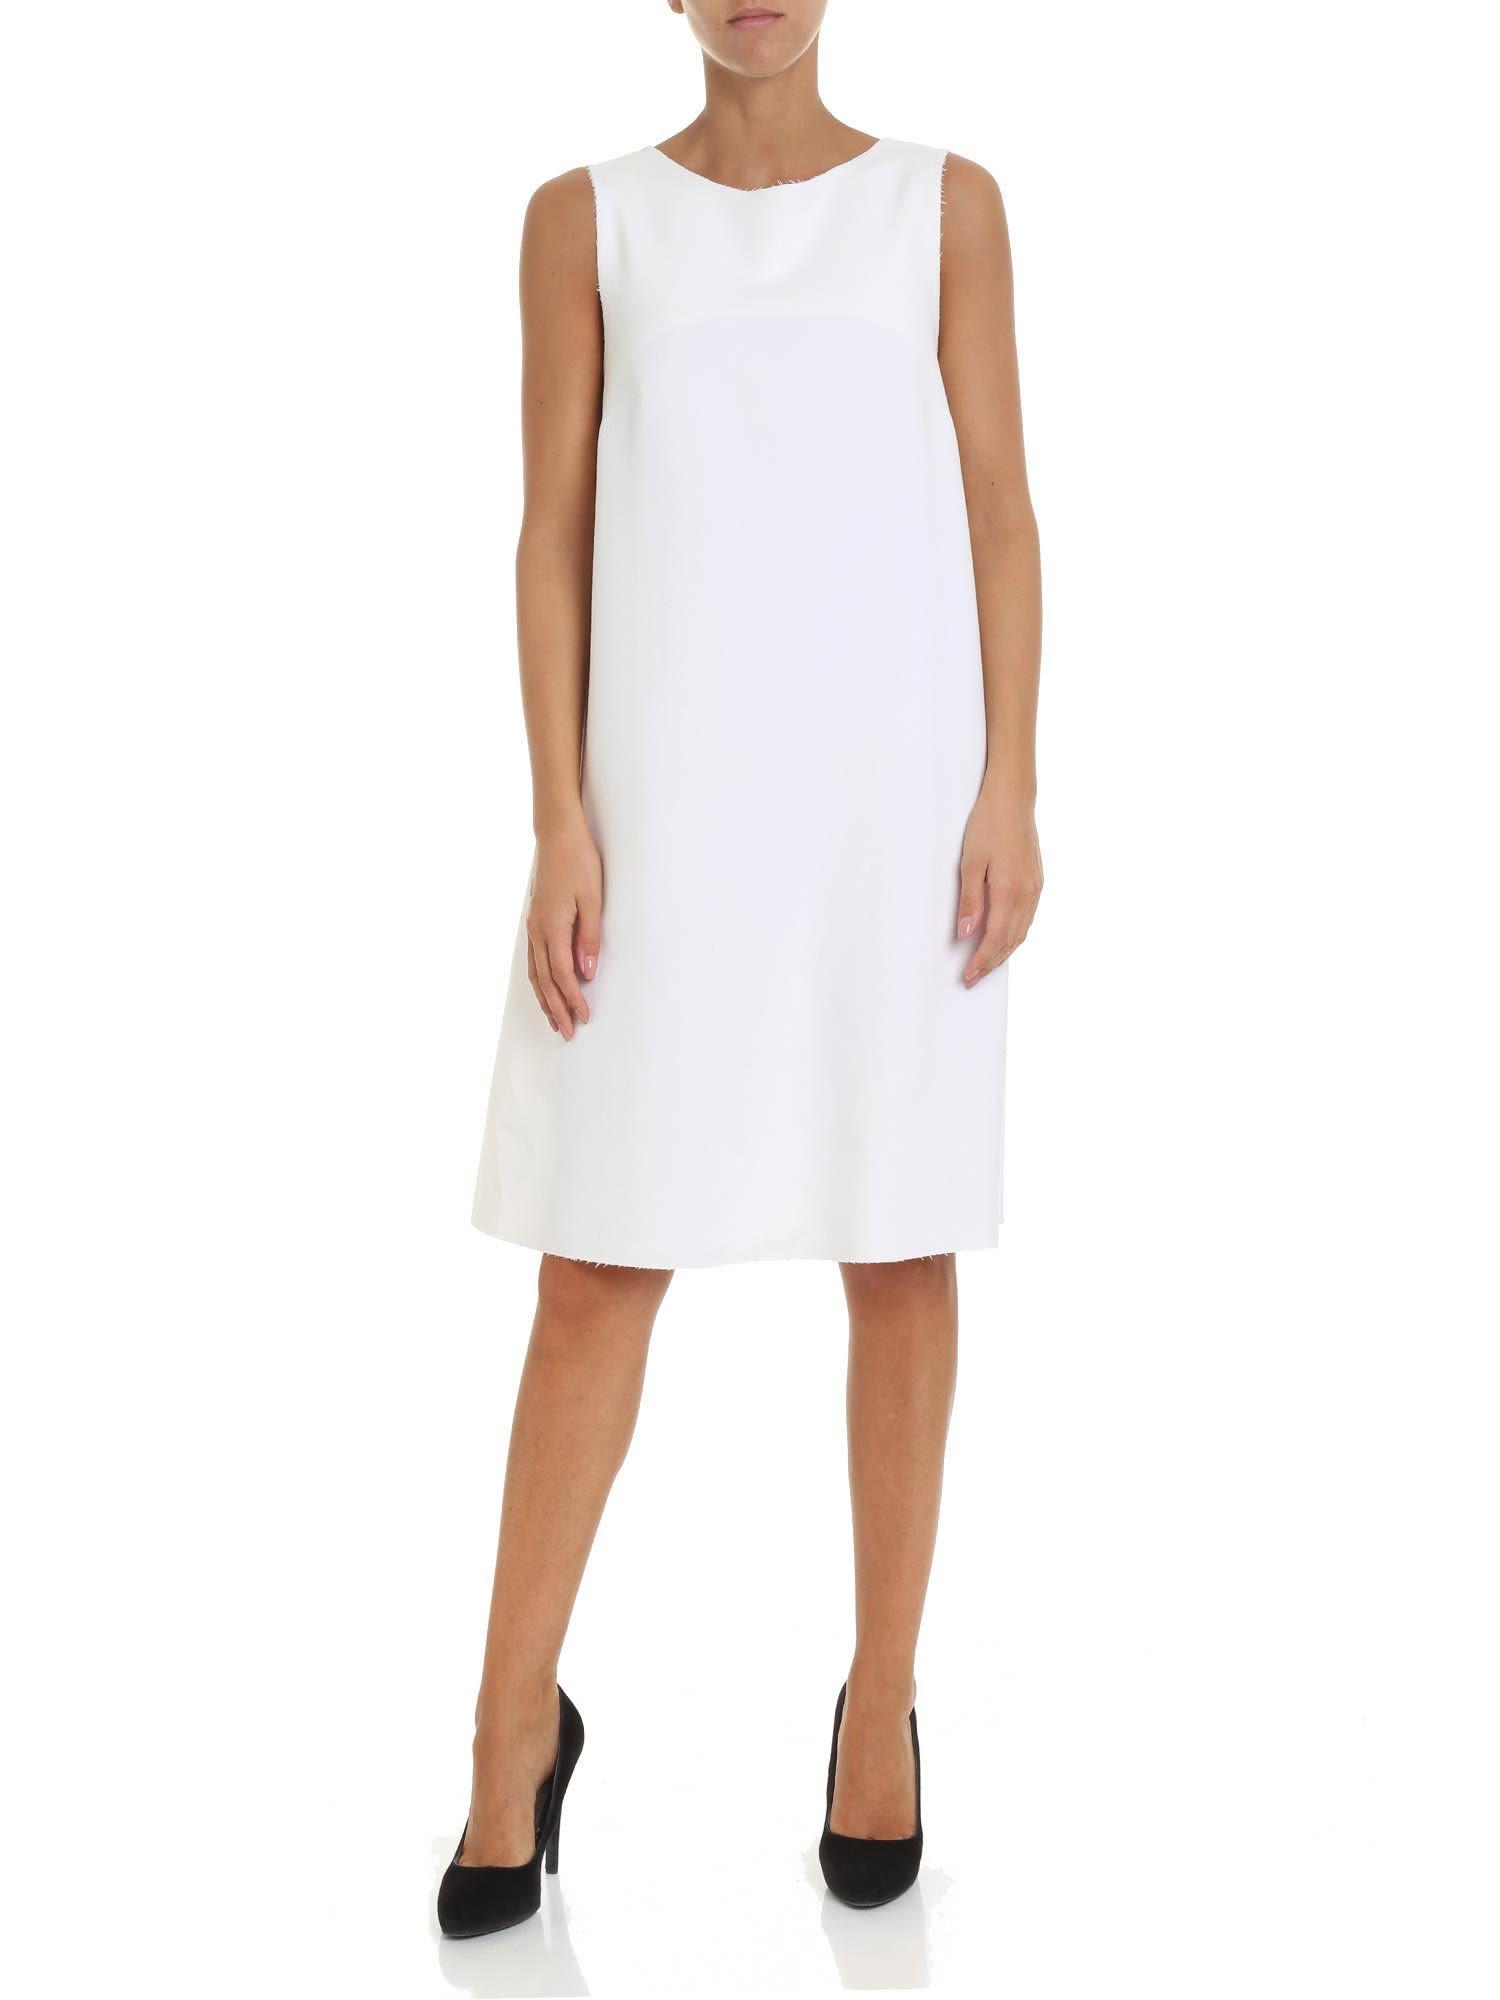 ALTEA Fur Side Panel Dress in White